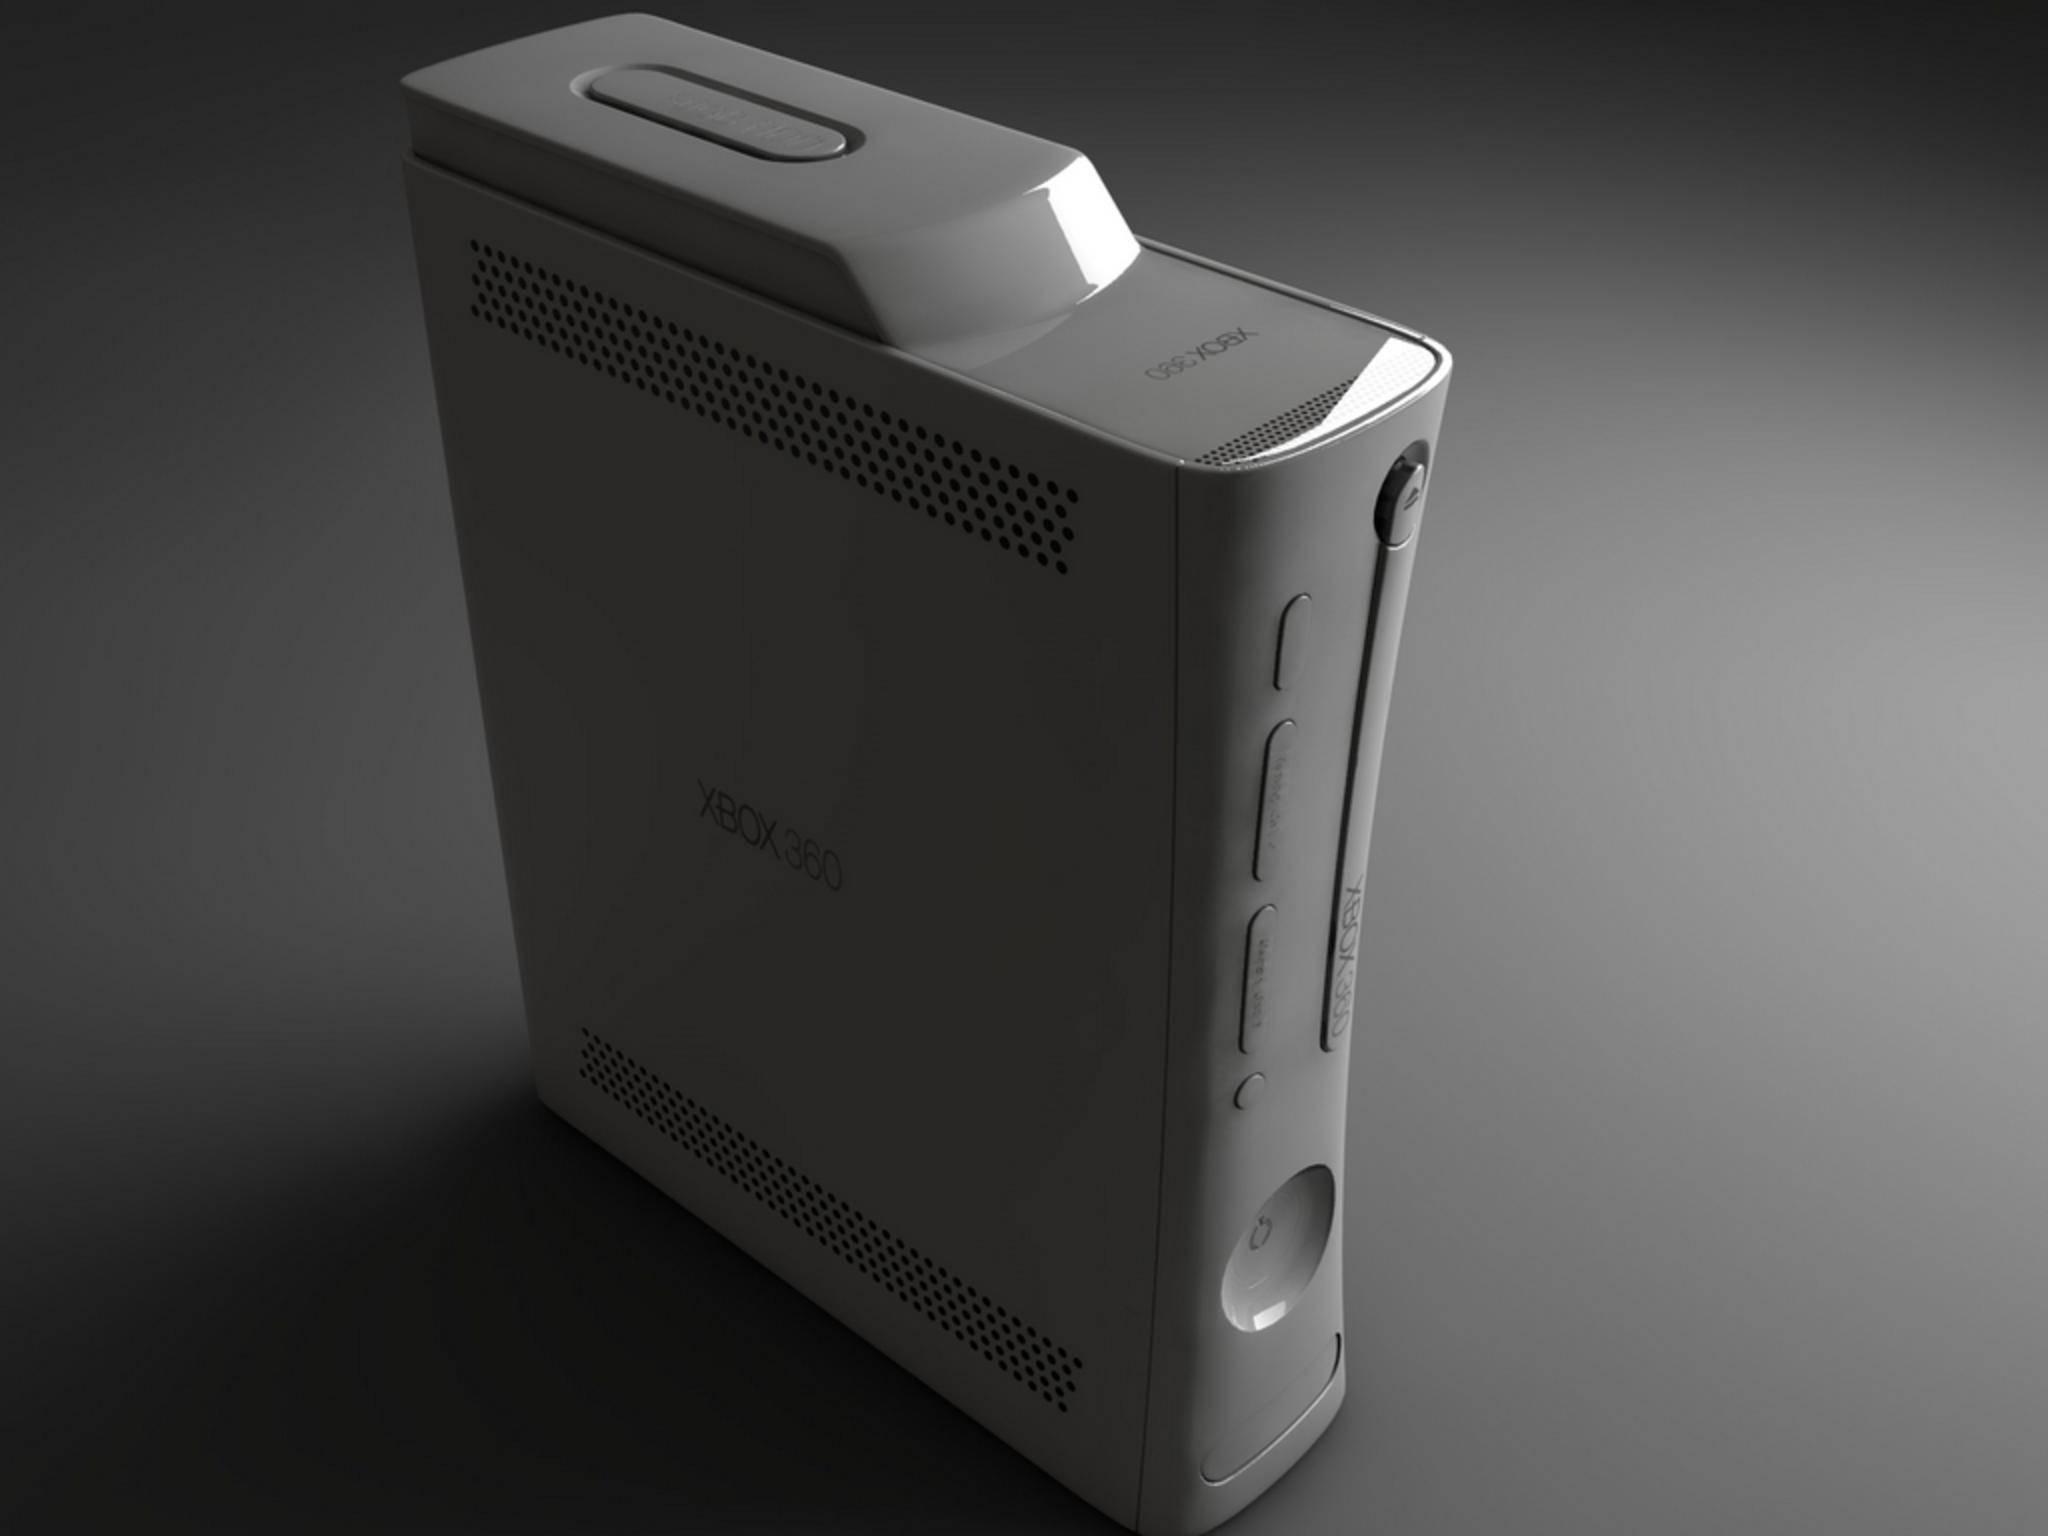 Die Xbox 360 war weitaus erfolgreicher als die originale Xbox.